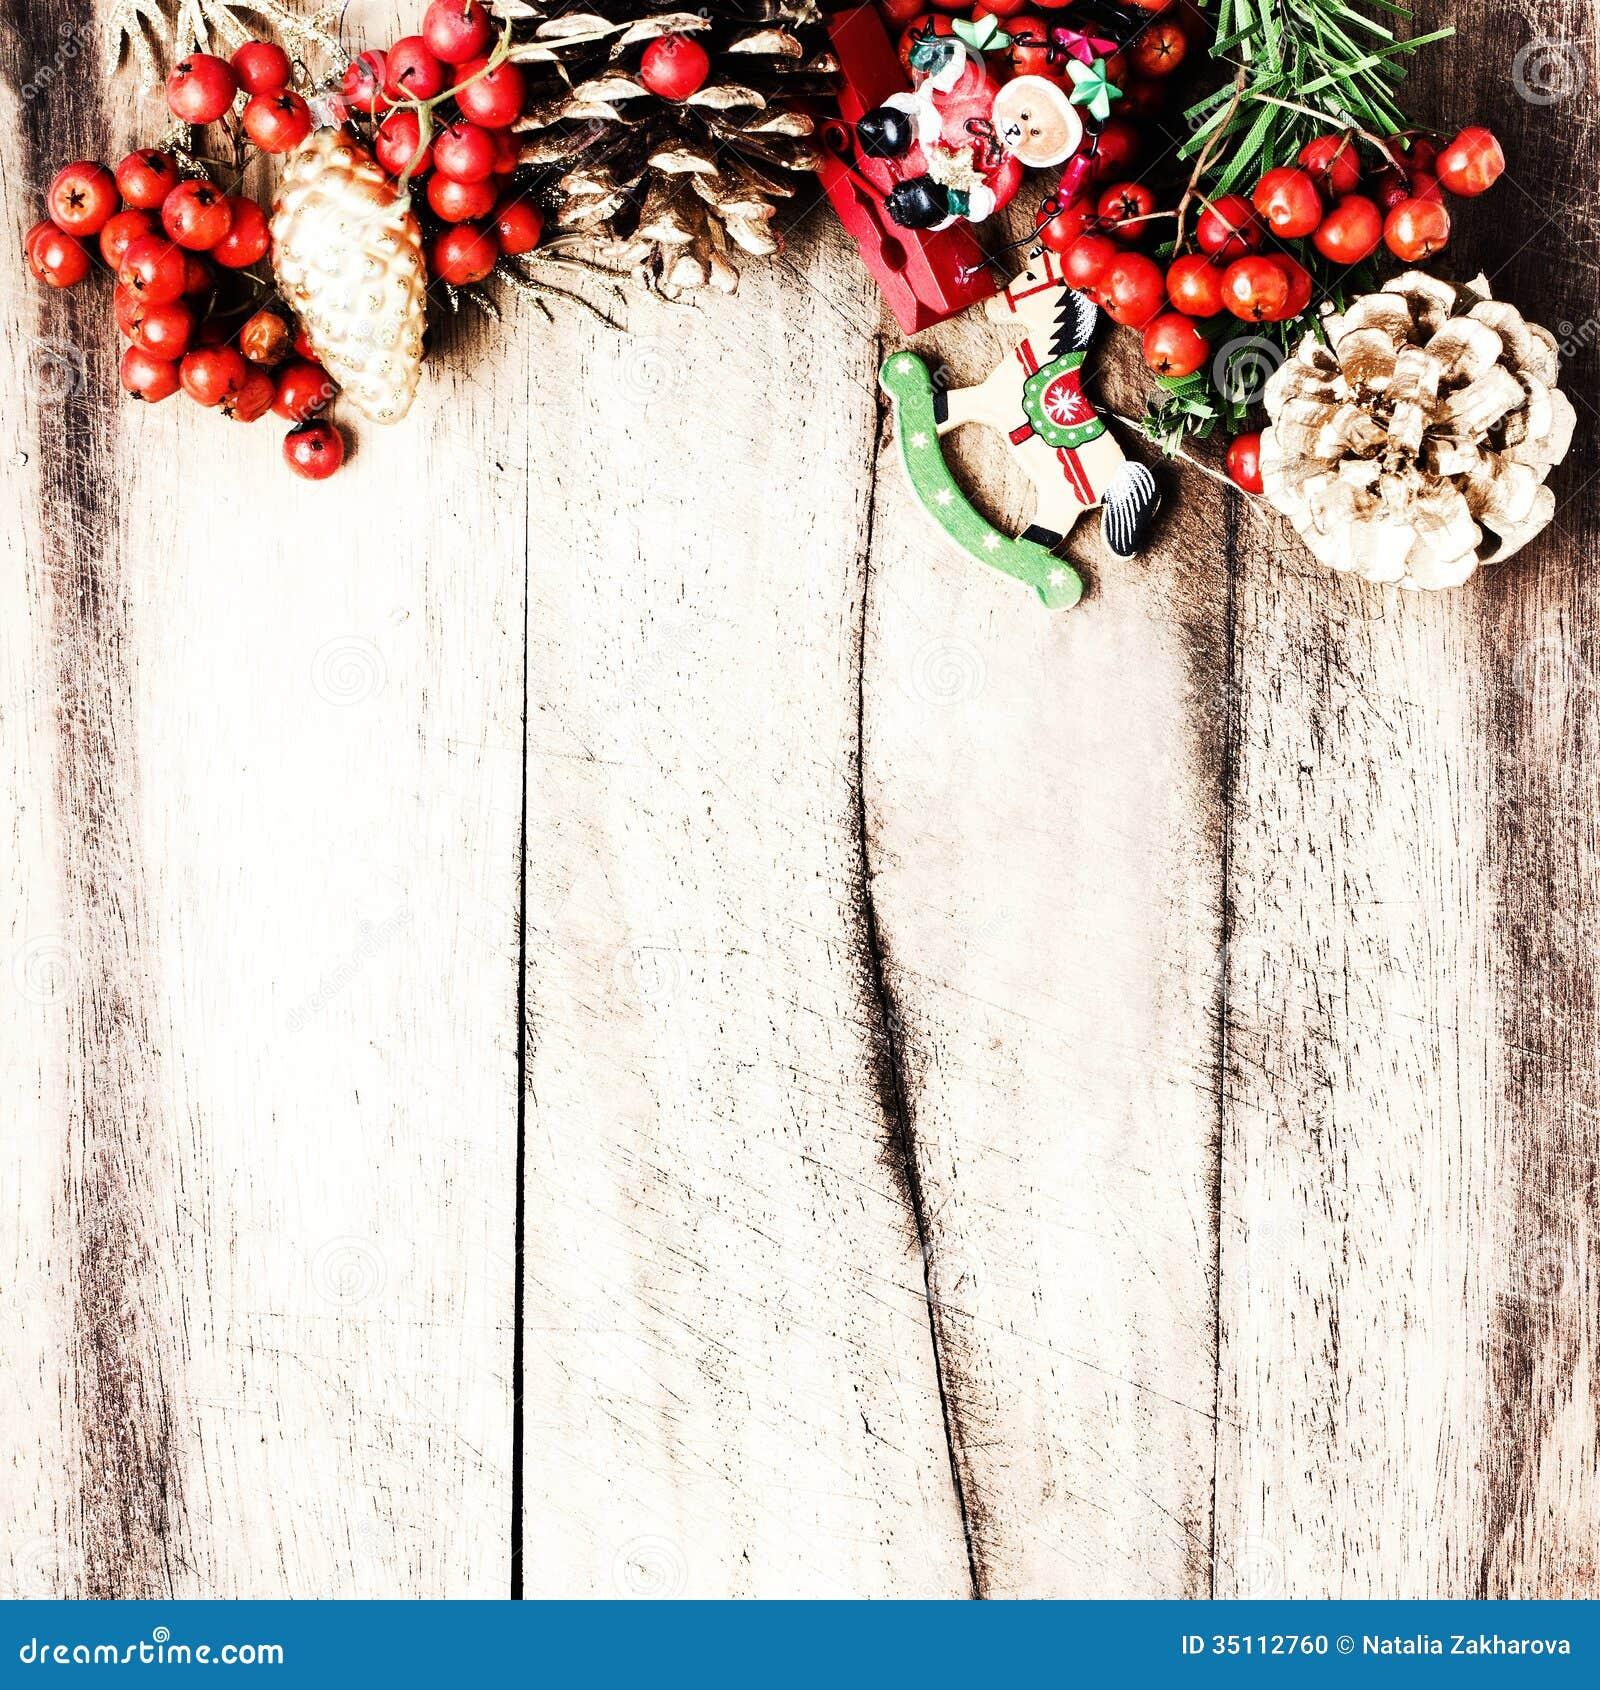 Decoracion Rustica De Navidad ~   de la Navidad en los wi naturales de la textura del tablero de madera